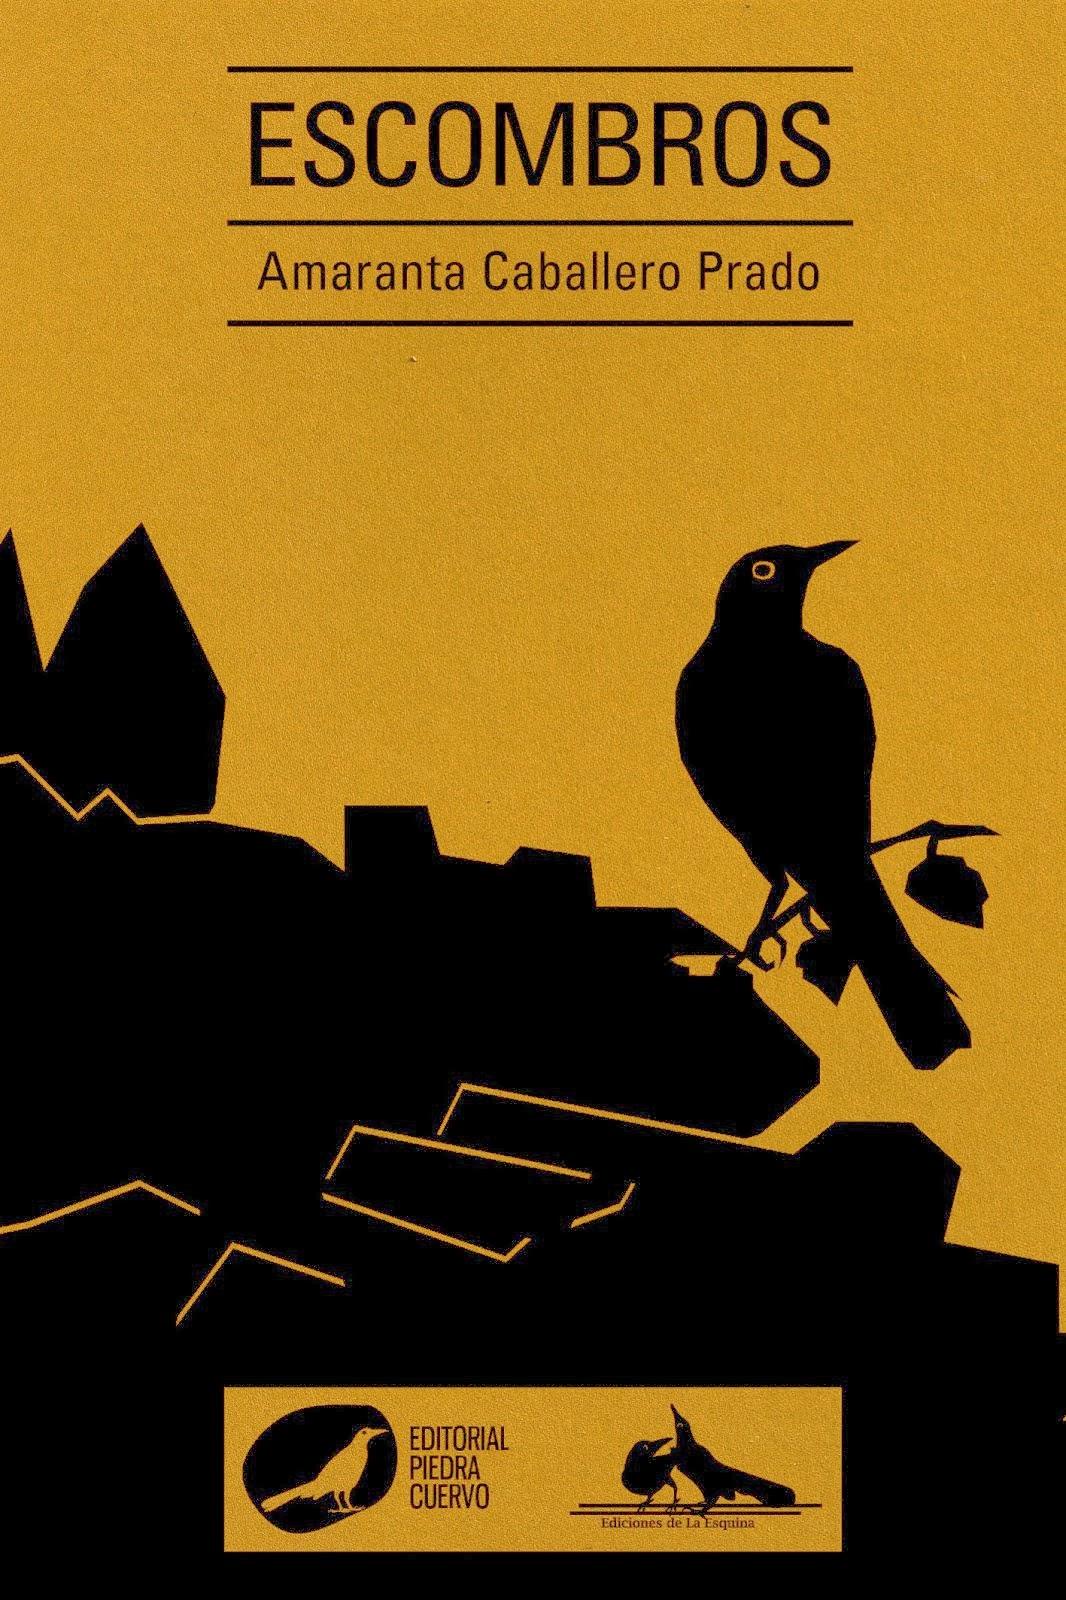 Escombros de Amaranta Caballero Prado